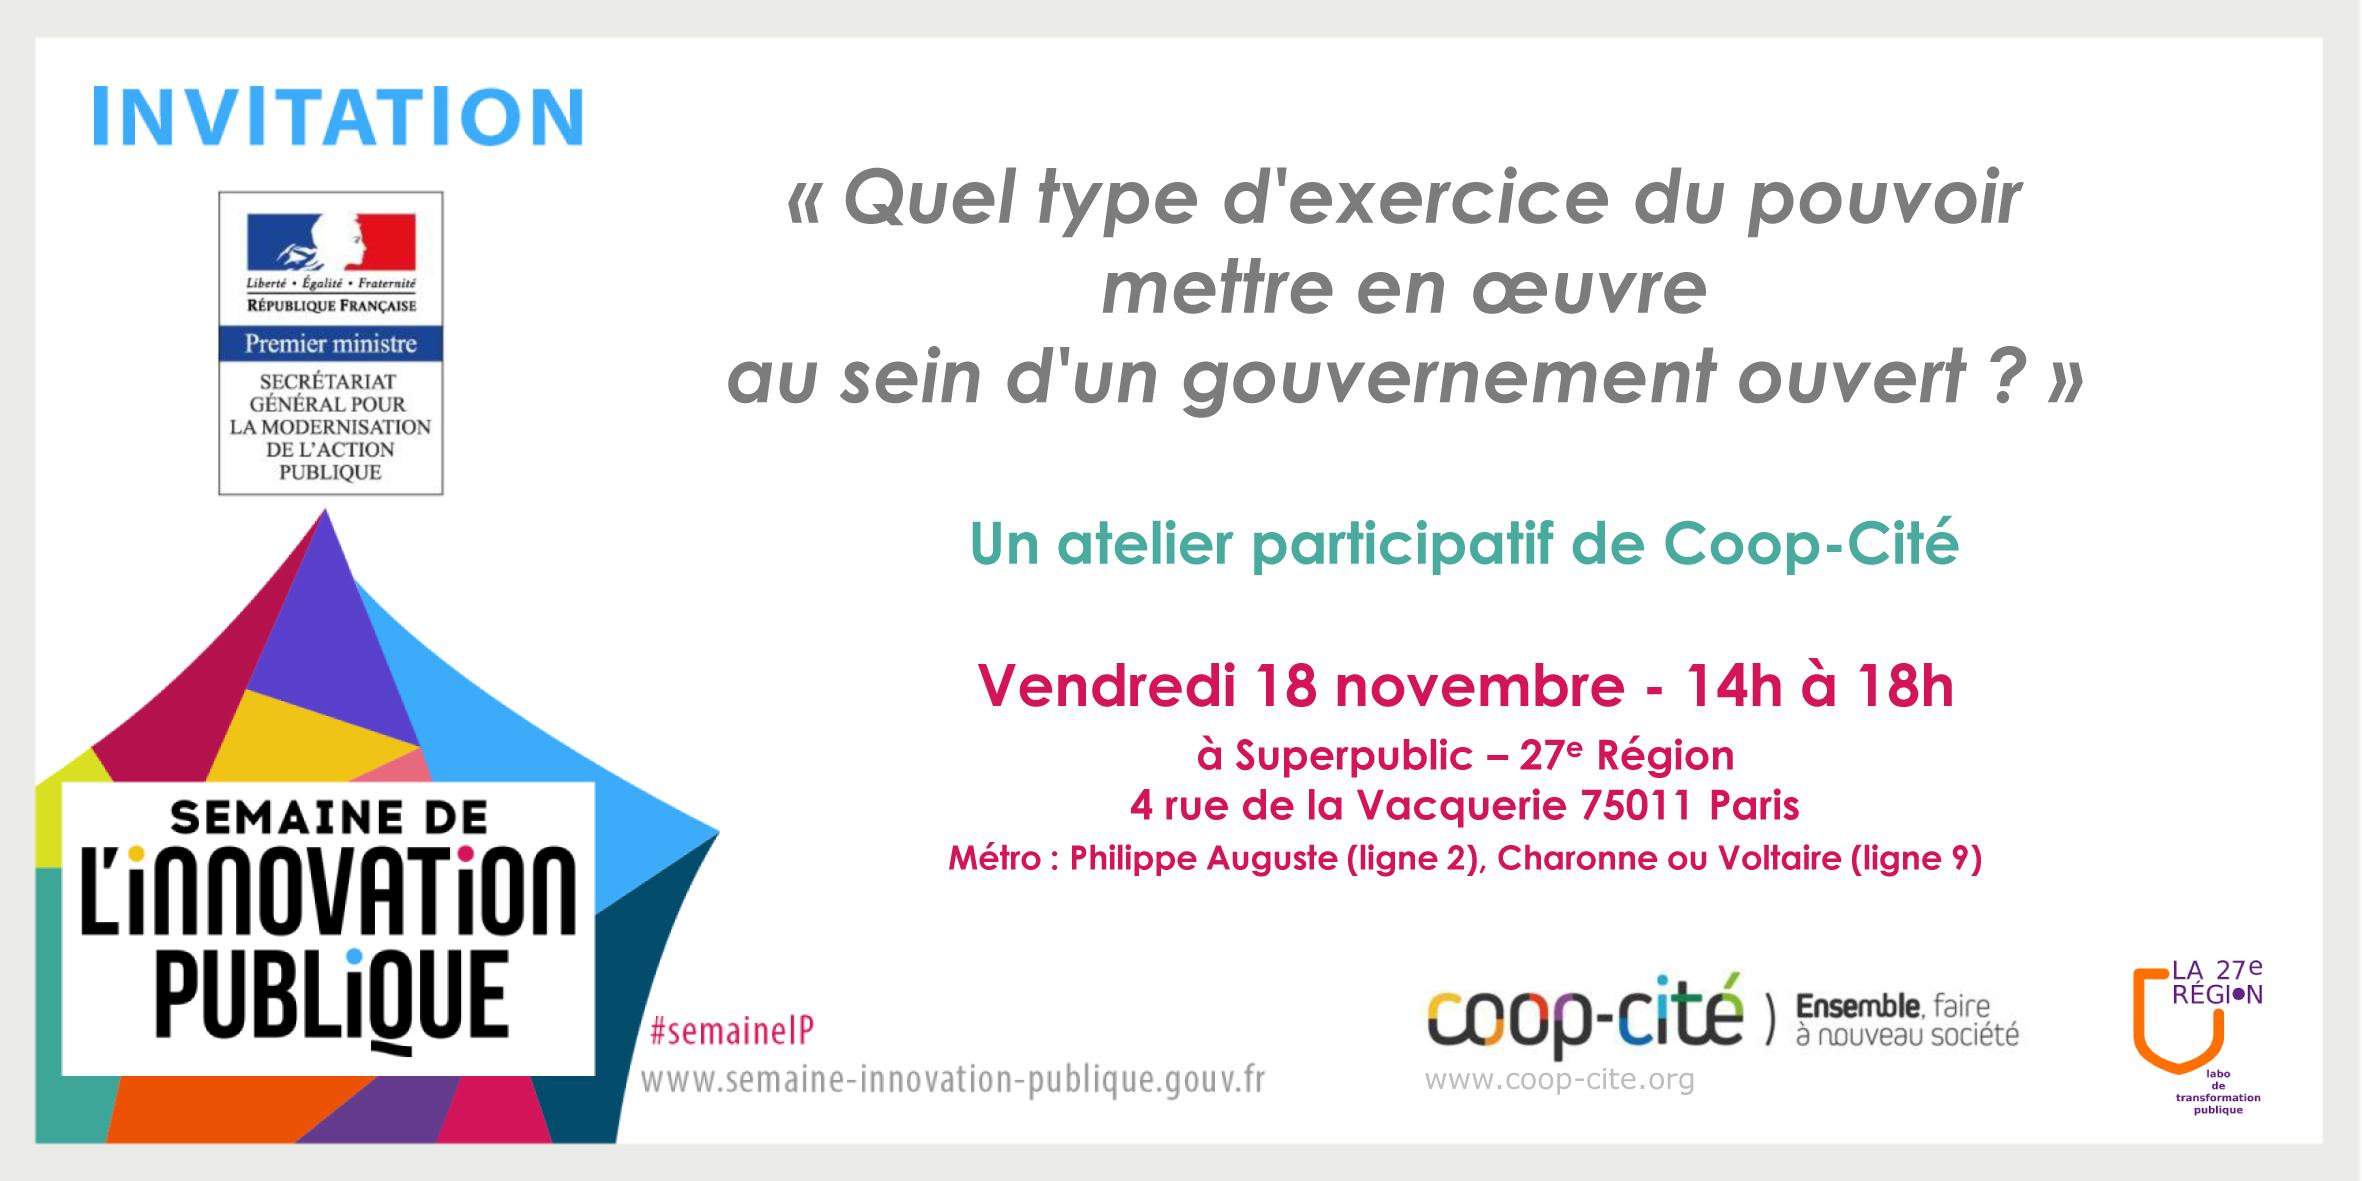 Atelier Coop-Cité - Semaine de l'innovation publique